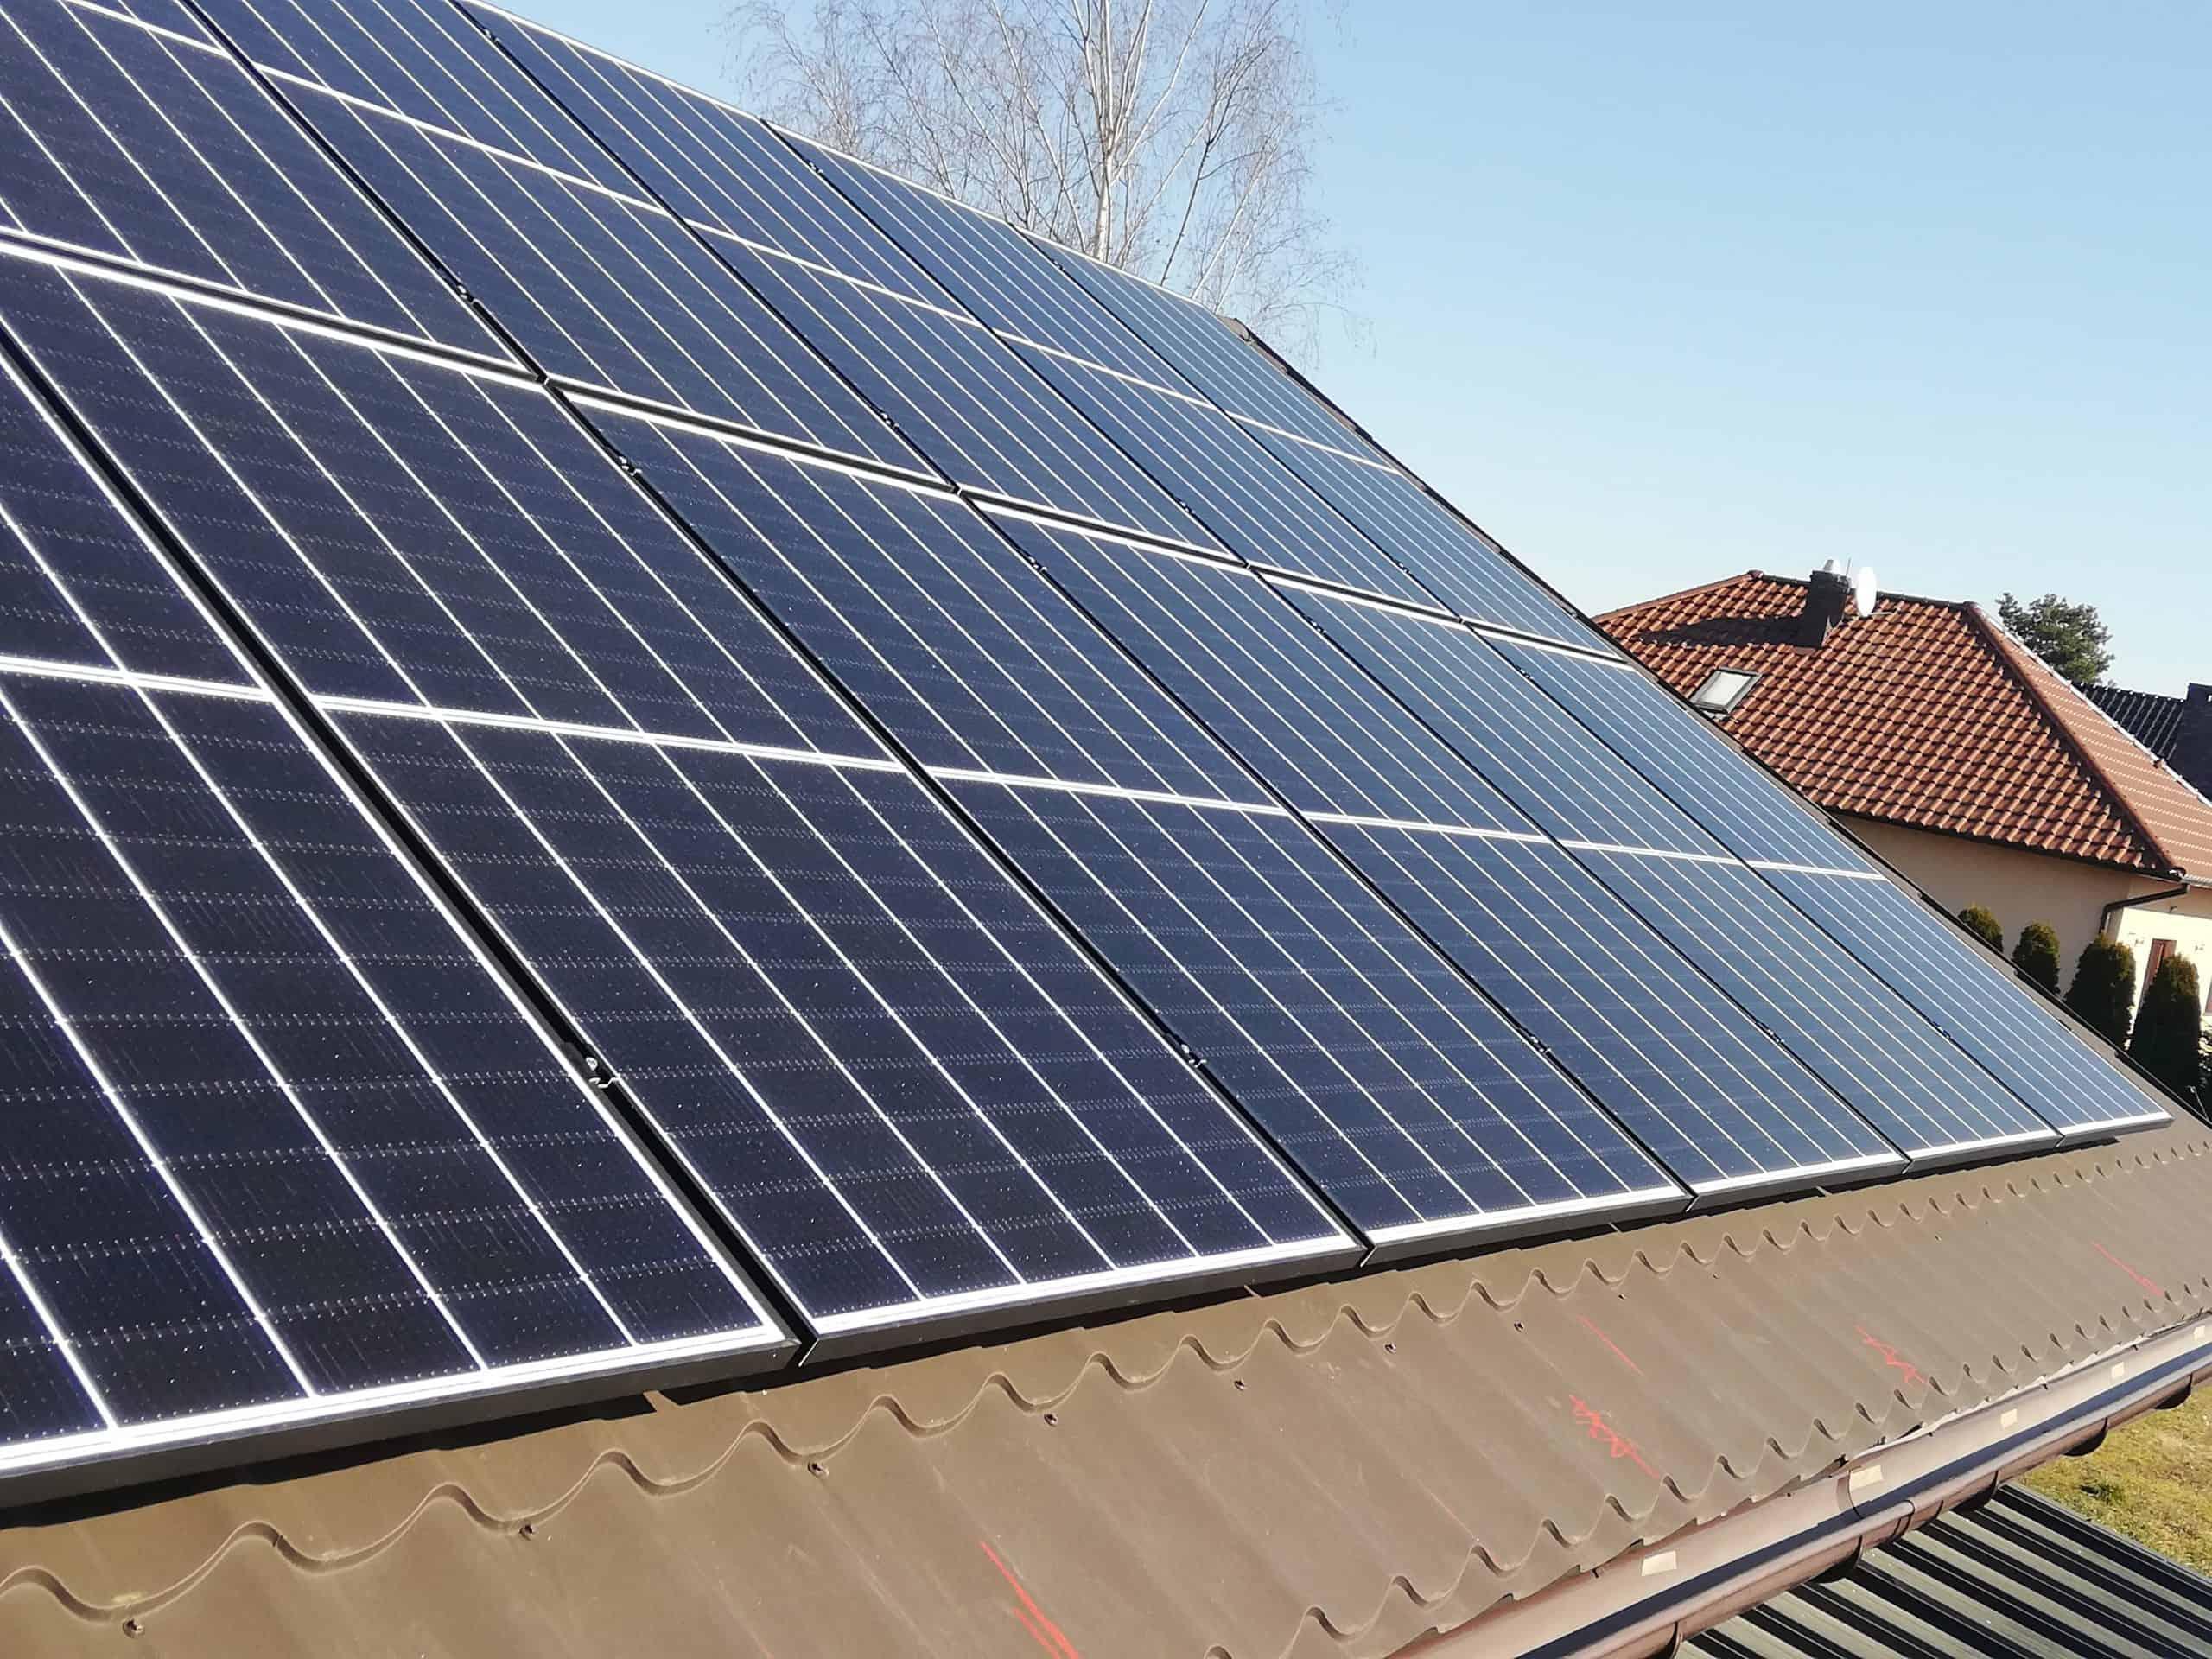 Mój Prąd 3.0. Możliwe dofinansowanie instalacji PV zrealizowanej pomiędzy naborami.